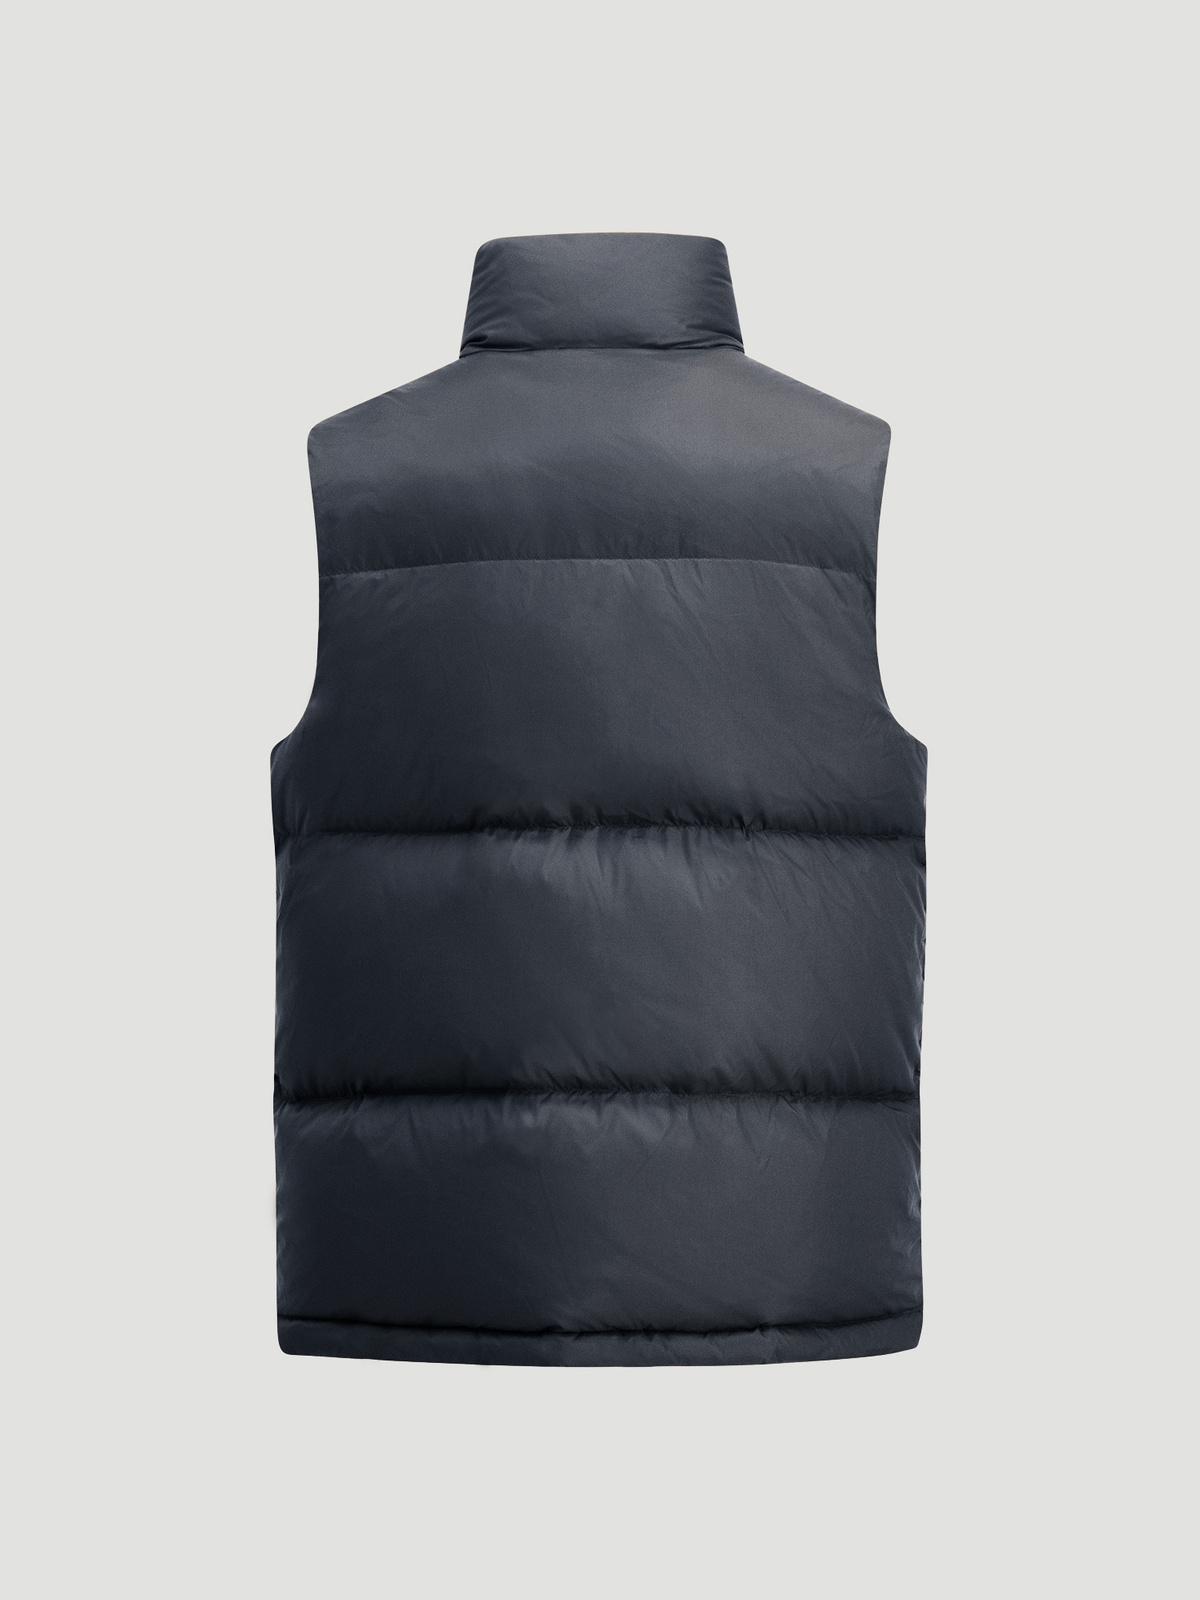 Ail Unisex Down Vest  Black 9